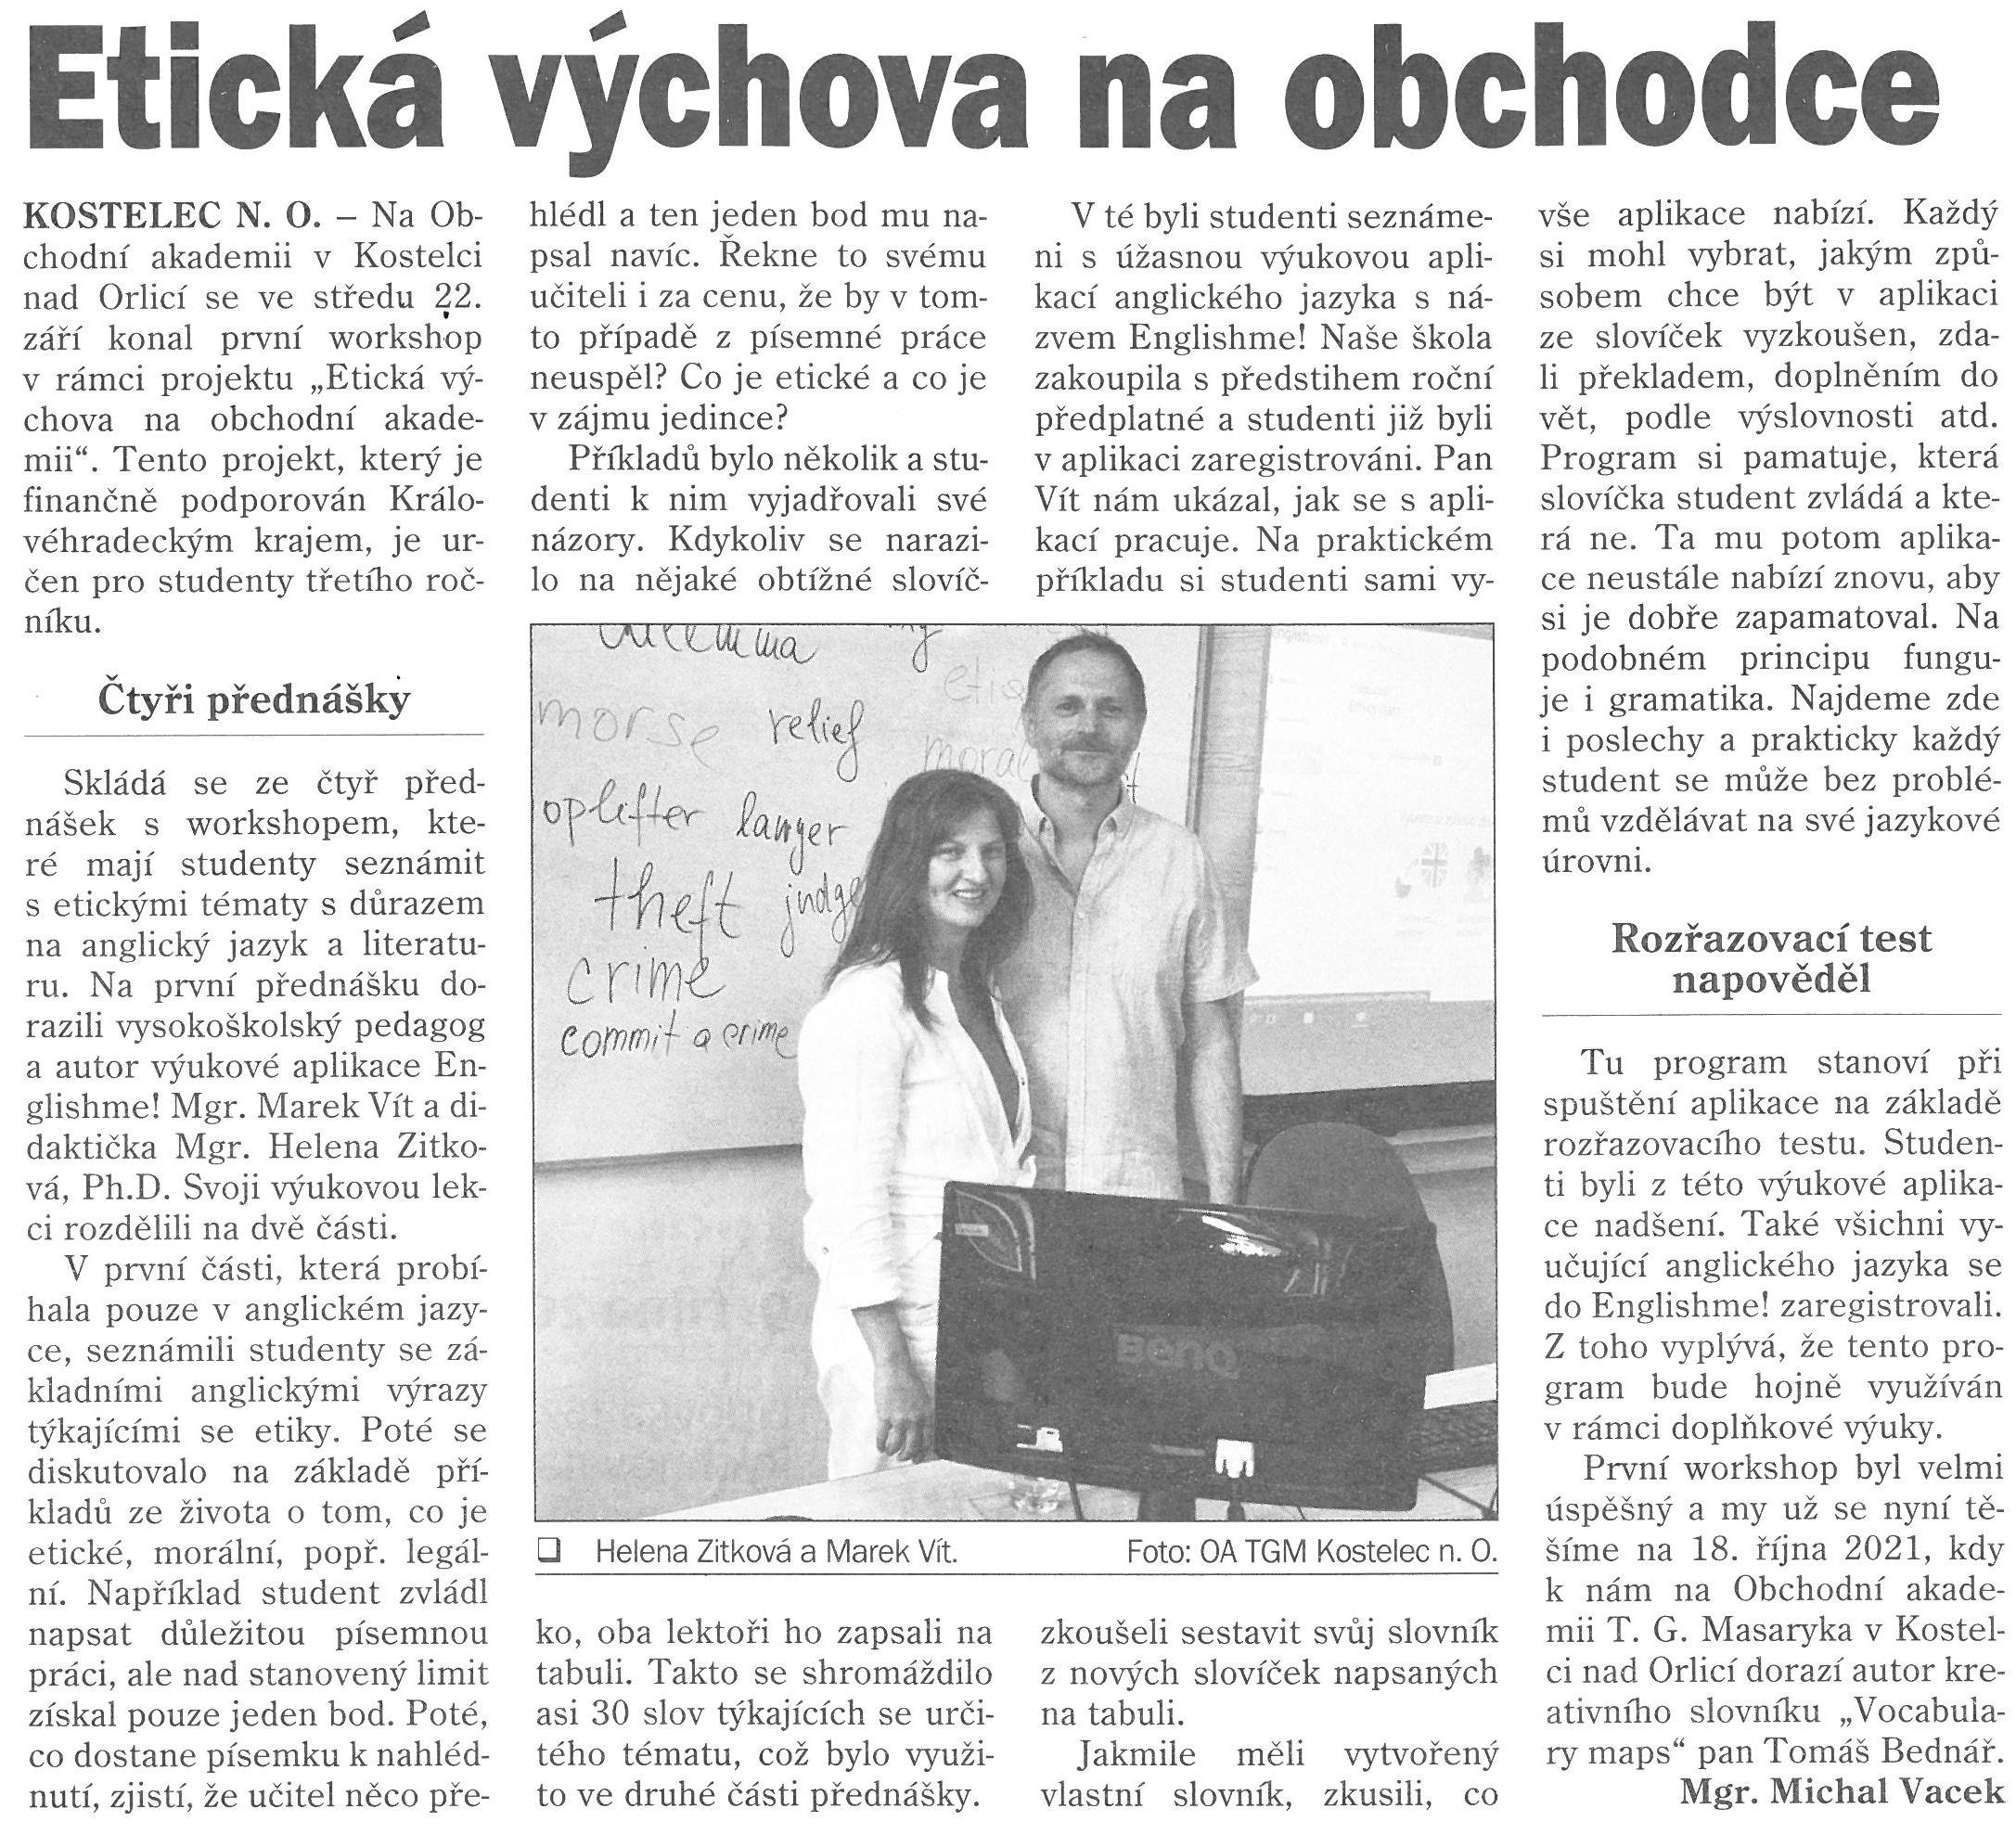 Článek z novin - Etická výchova